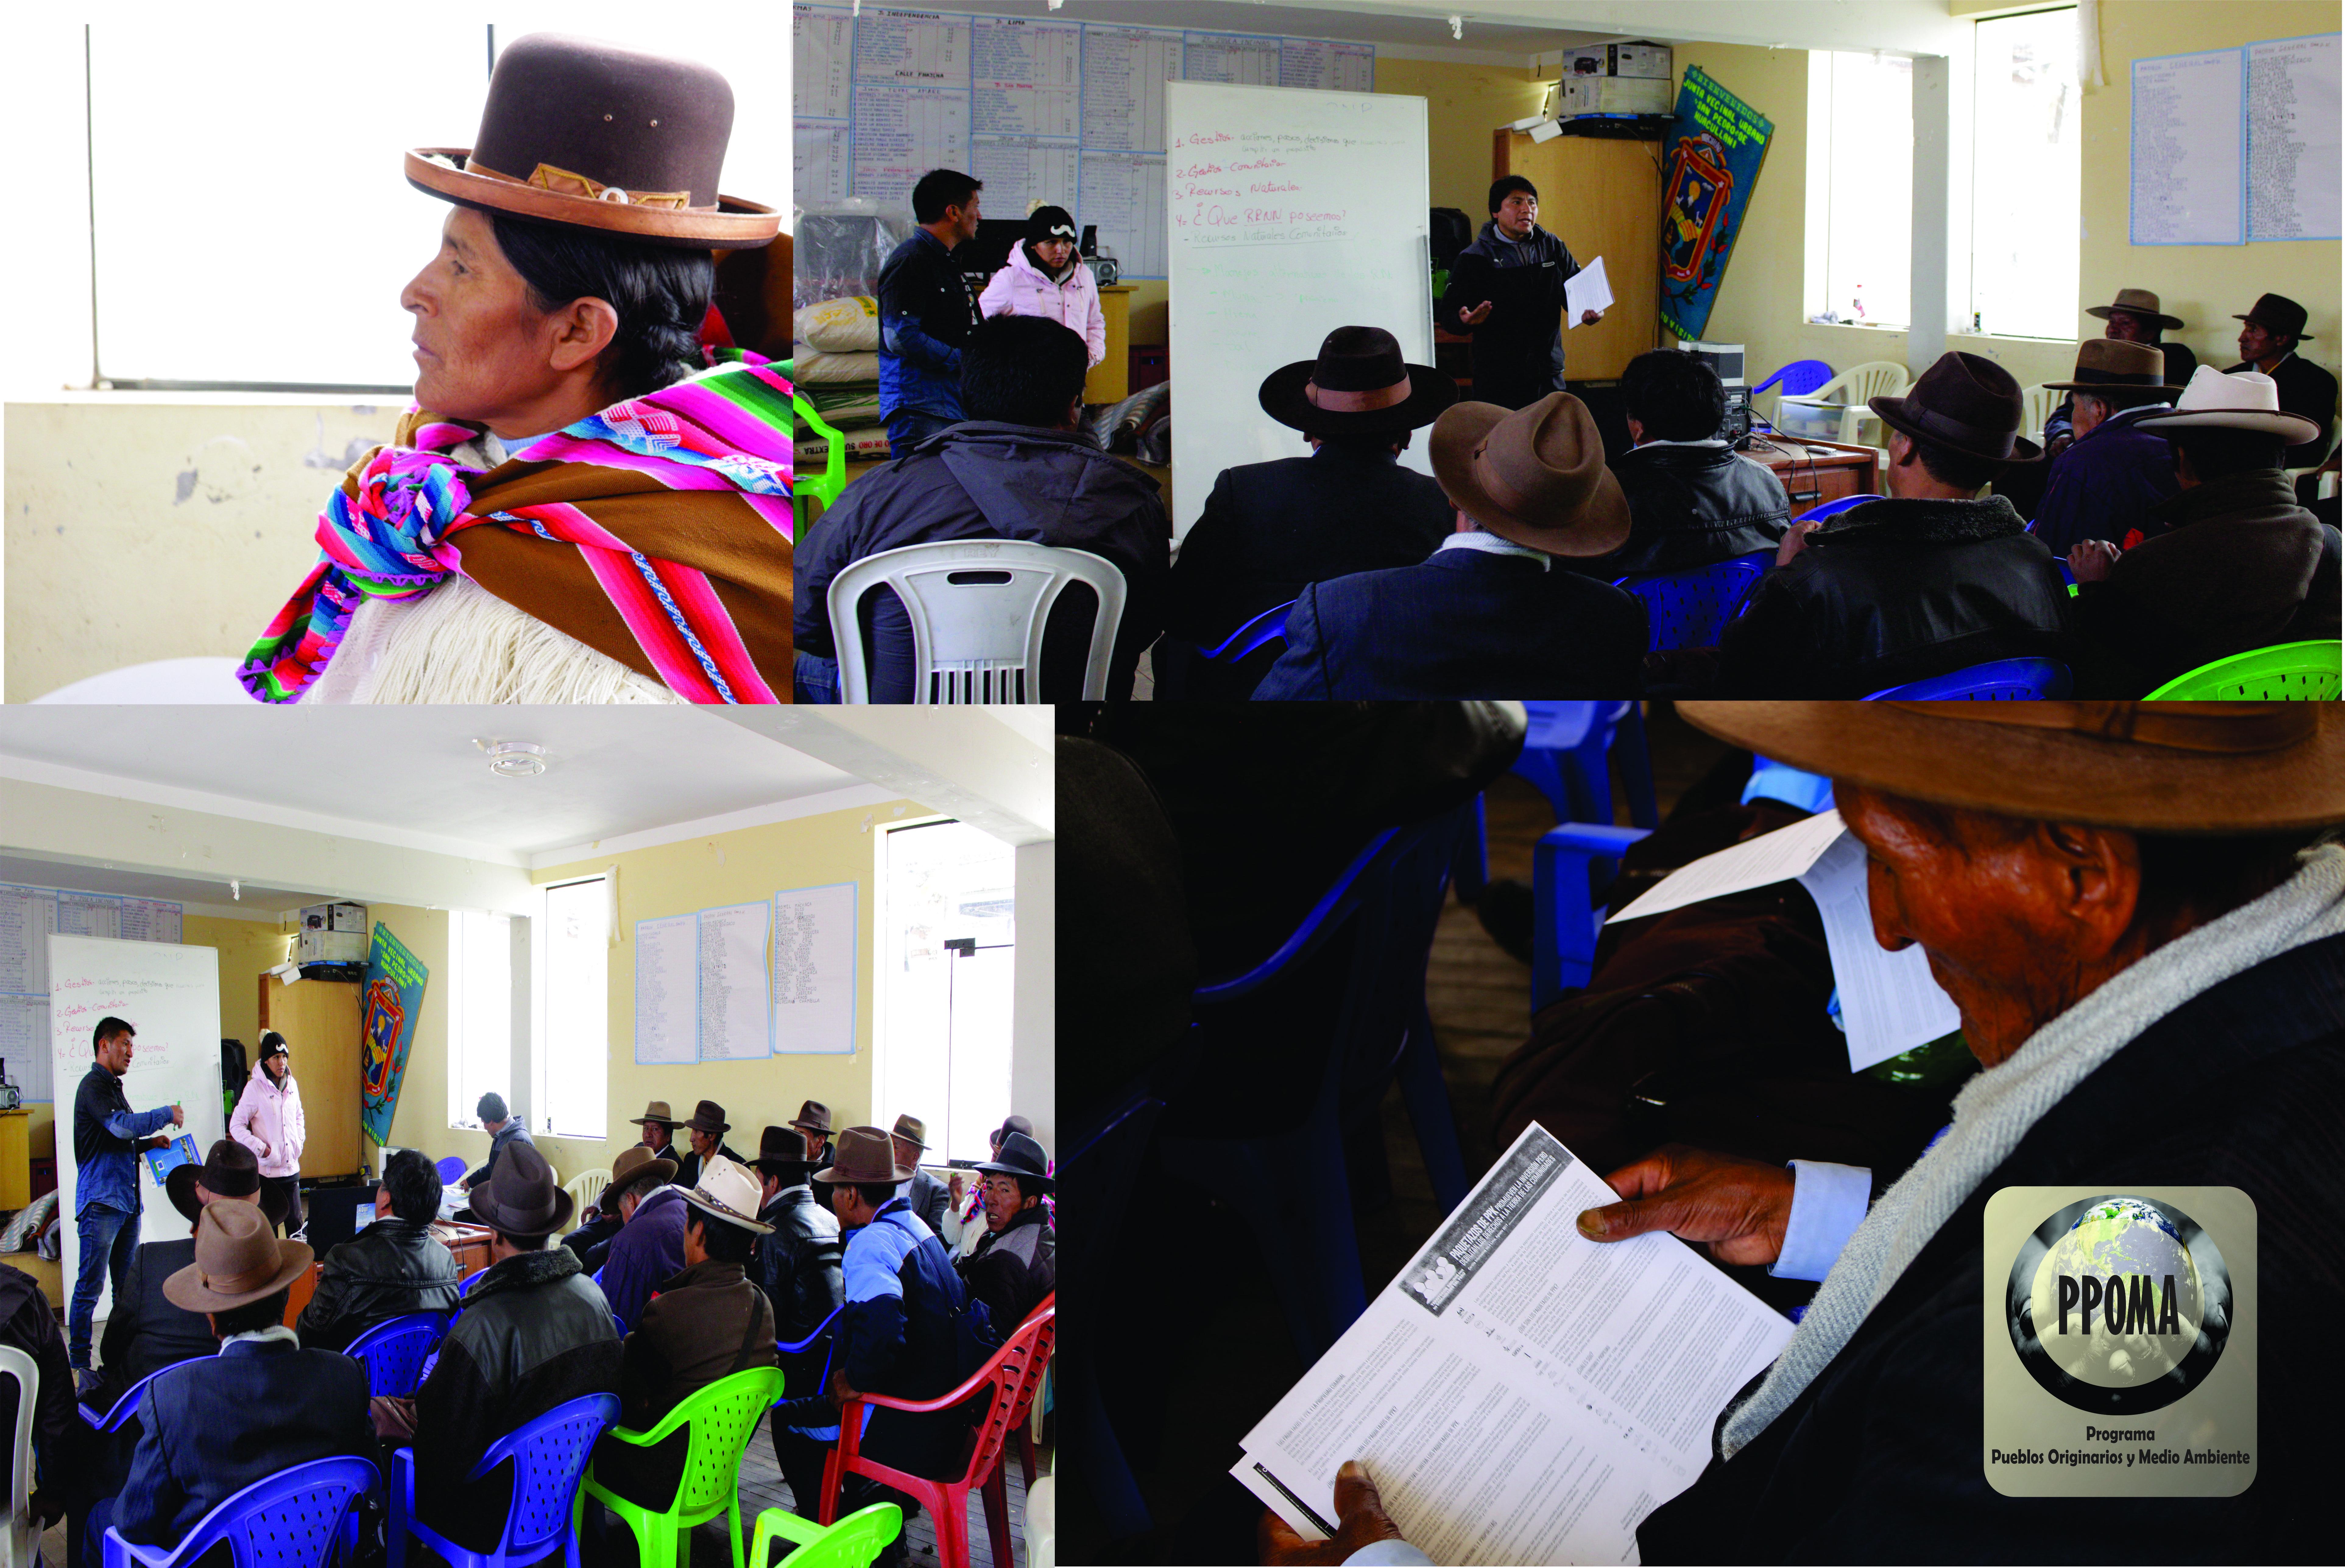 Realización del VII Taller de Fortalecimiento: ¨Gestión Comunitaria de Recursos Naturales¨, con los presidentes de las comunidades y distrito de Huacullani.